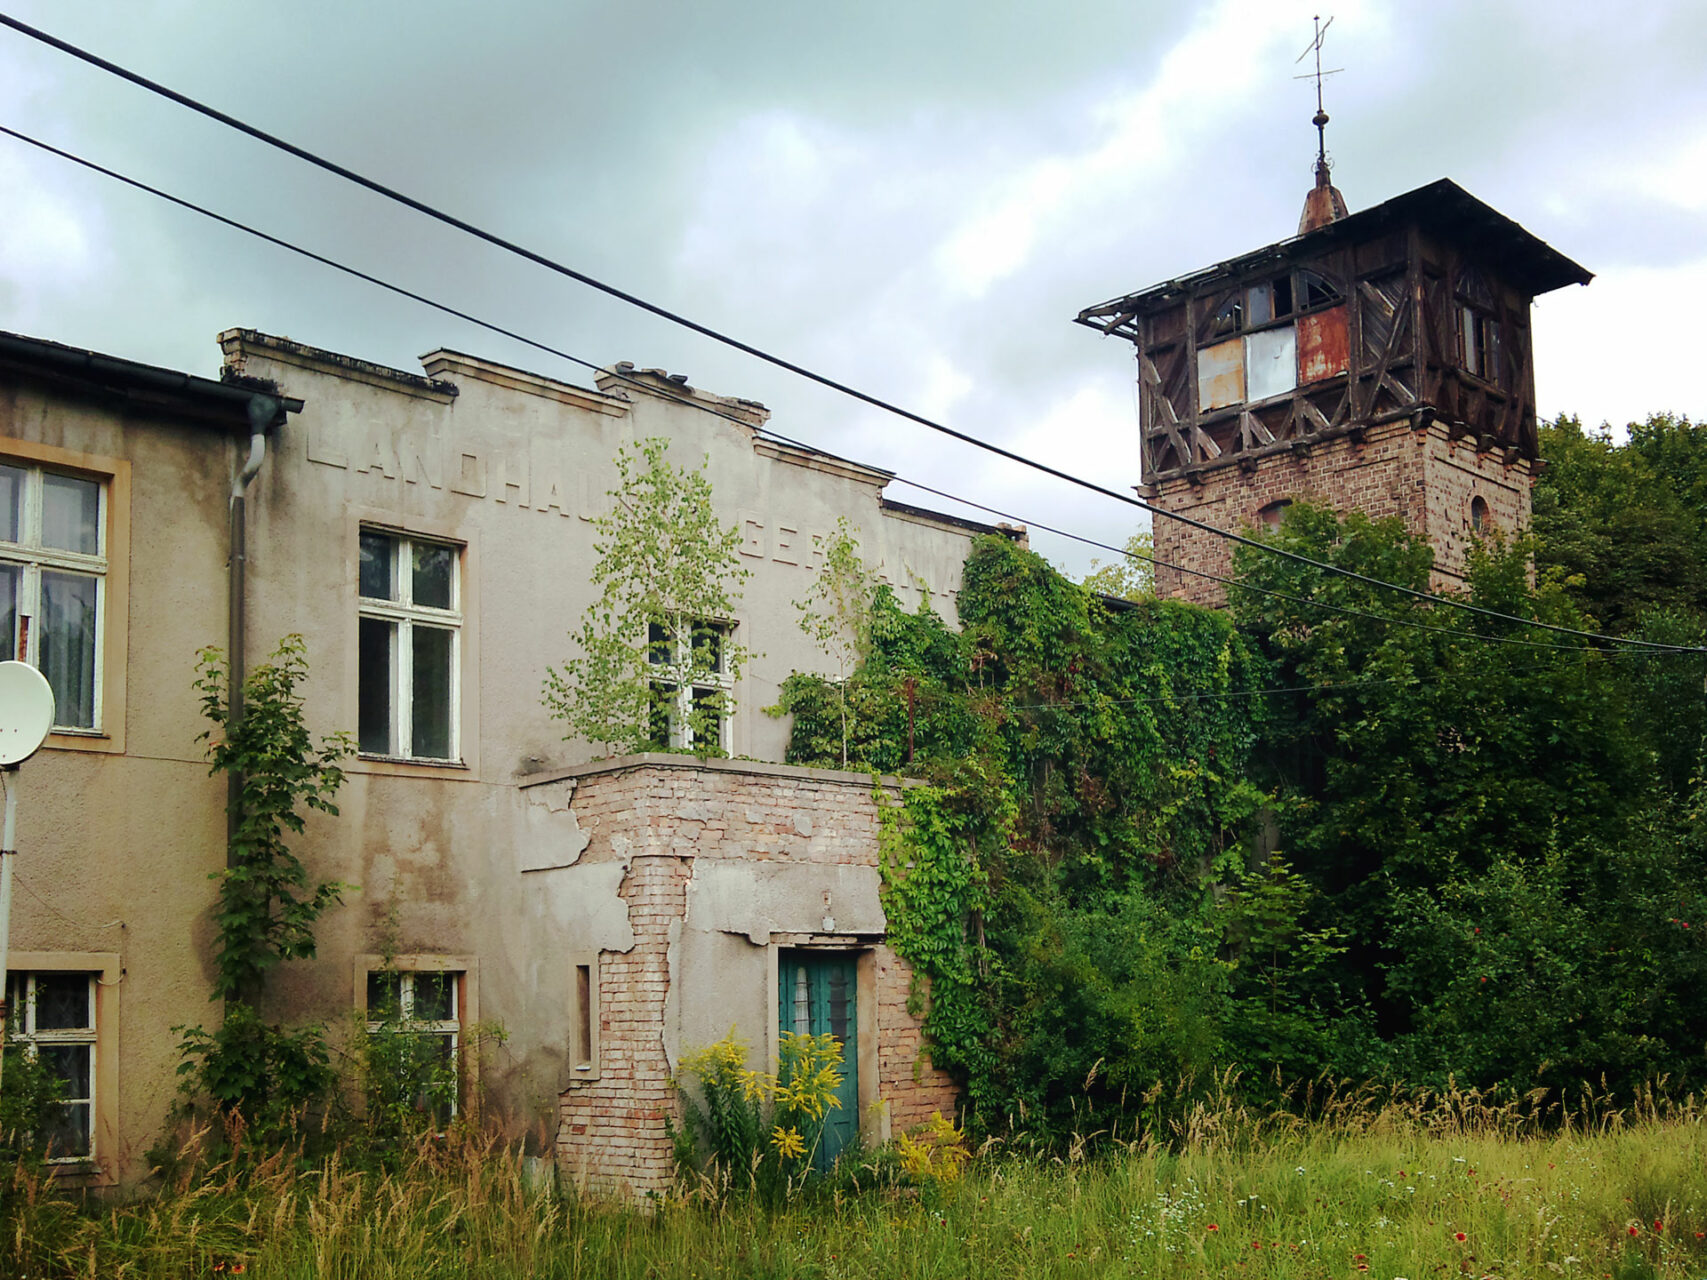 Vergessene Geschichte: Das Landhaus Germania in Finowfurt.